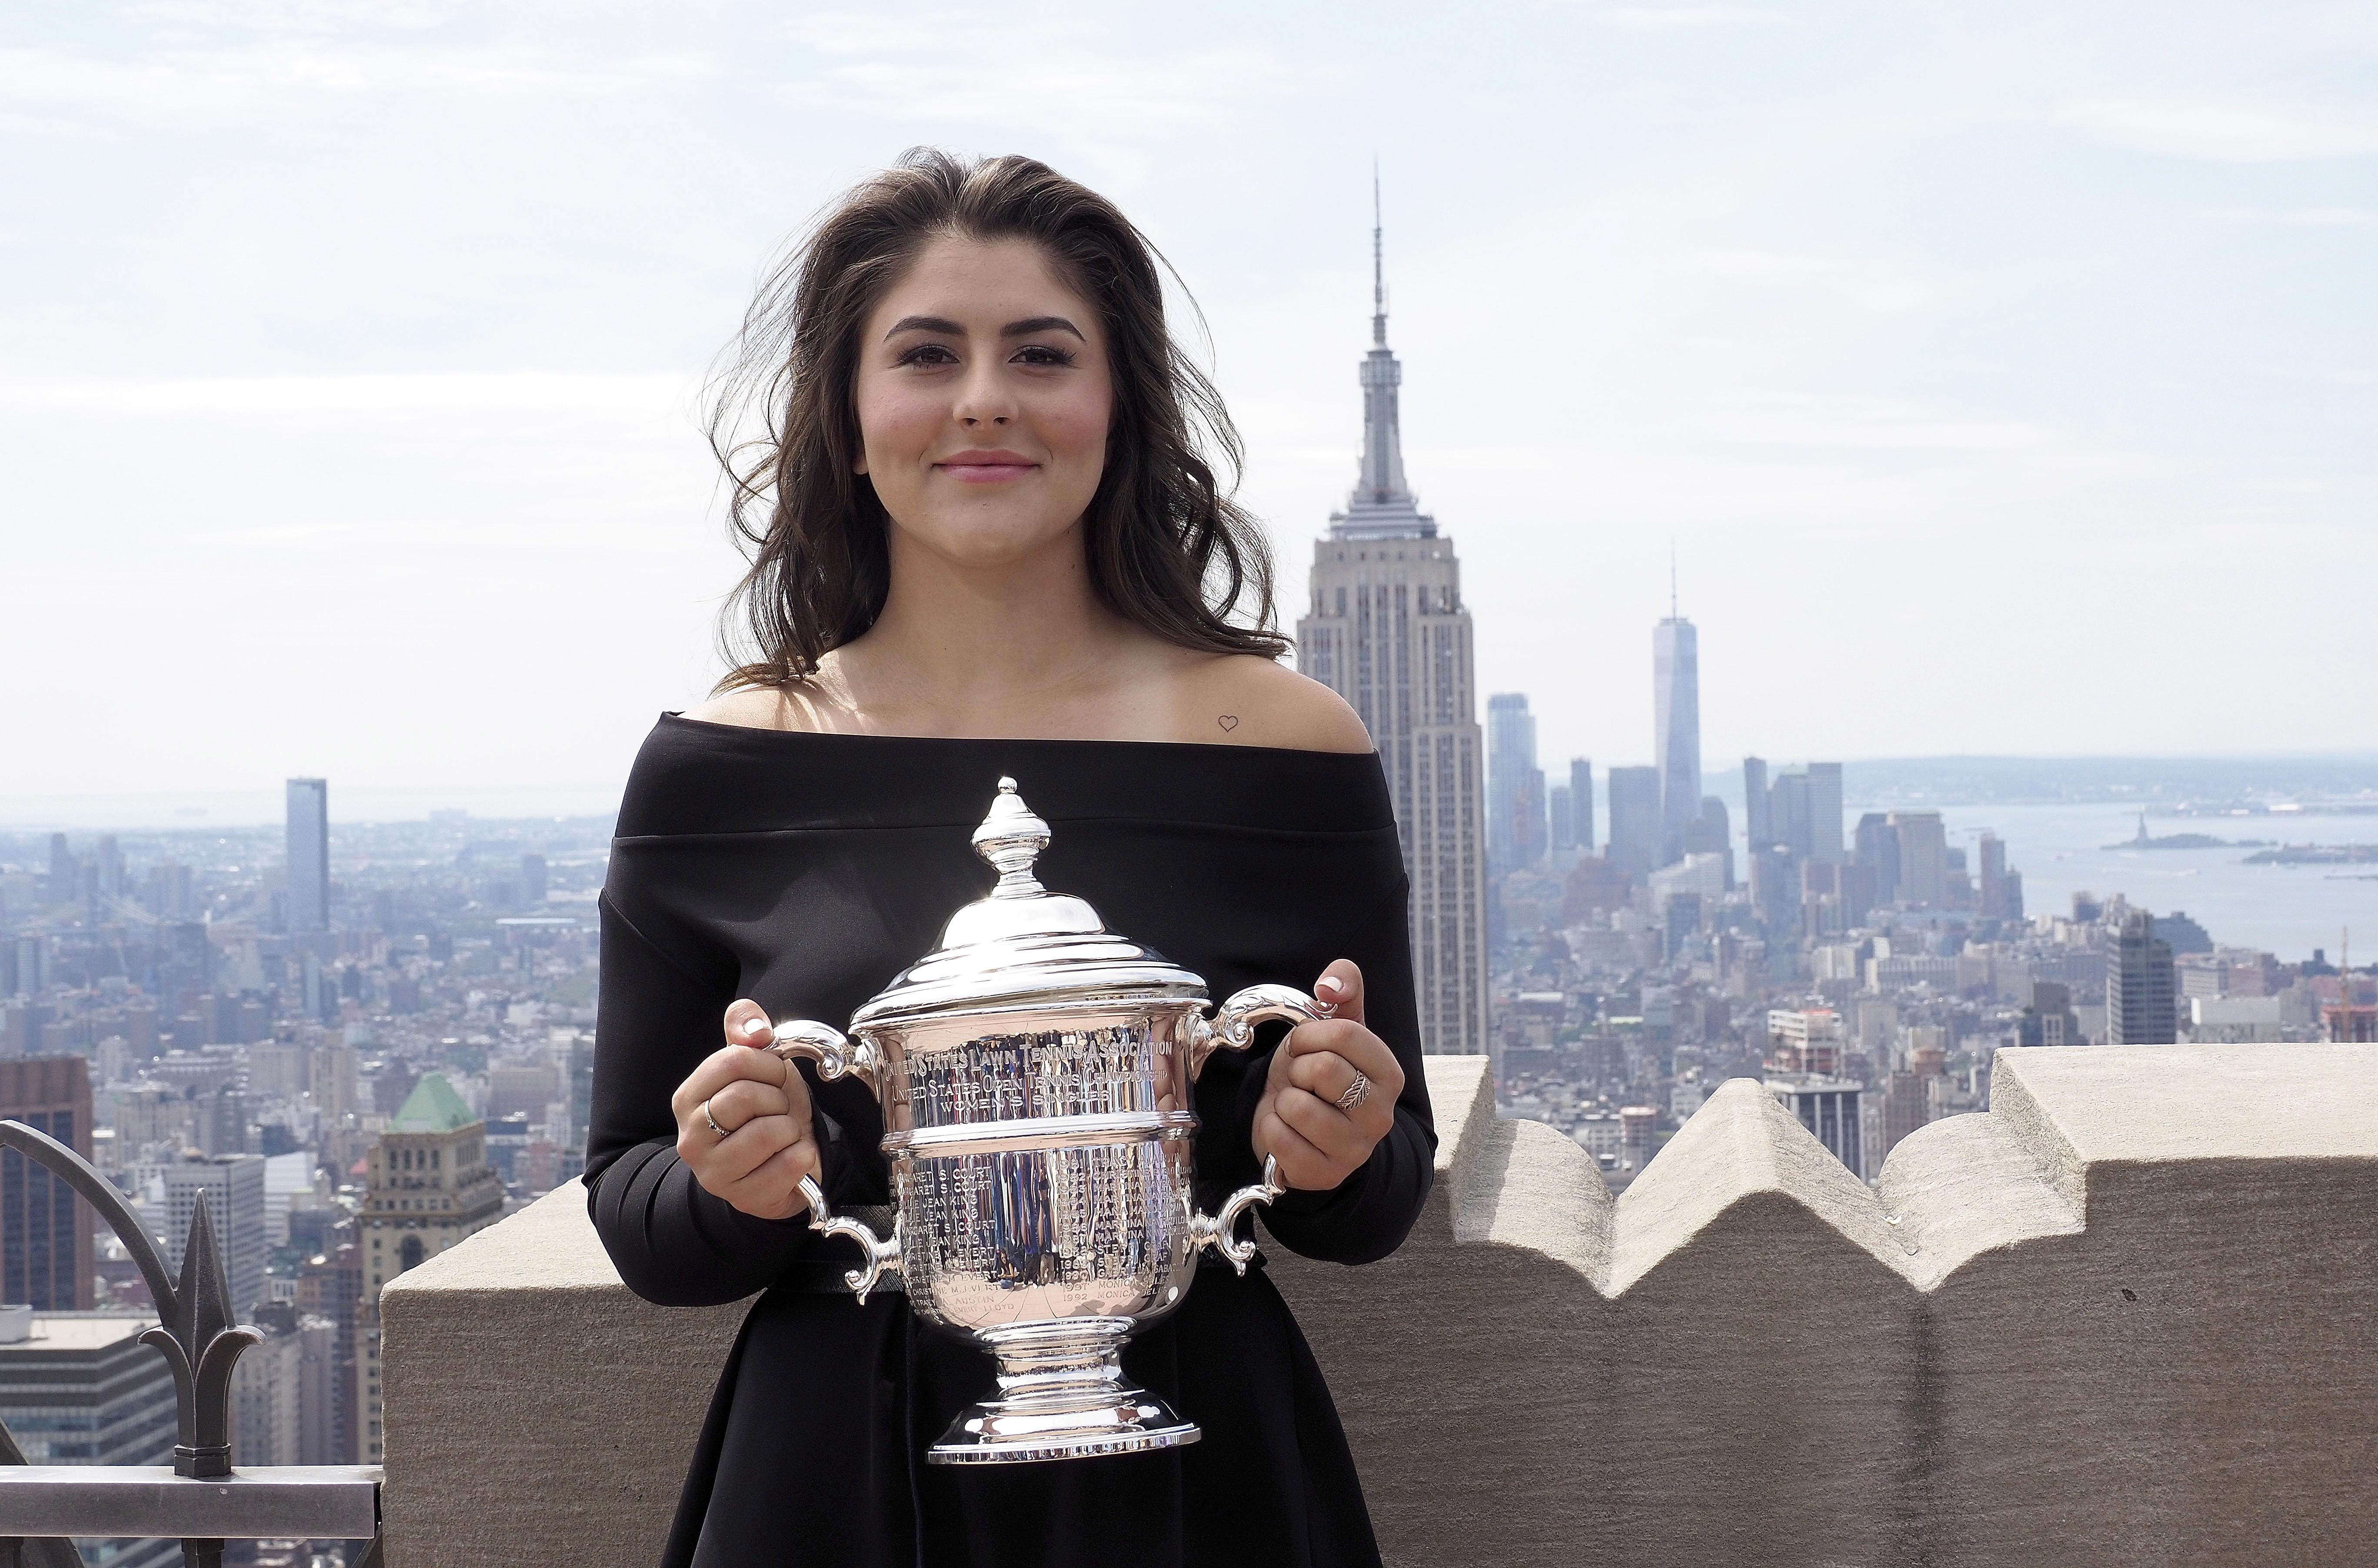 Bianca Andreescu, ședință foto cu trofeul US Open, primul ei titlu de Mare Șlem